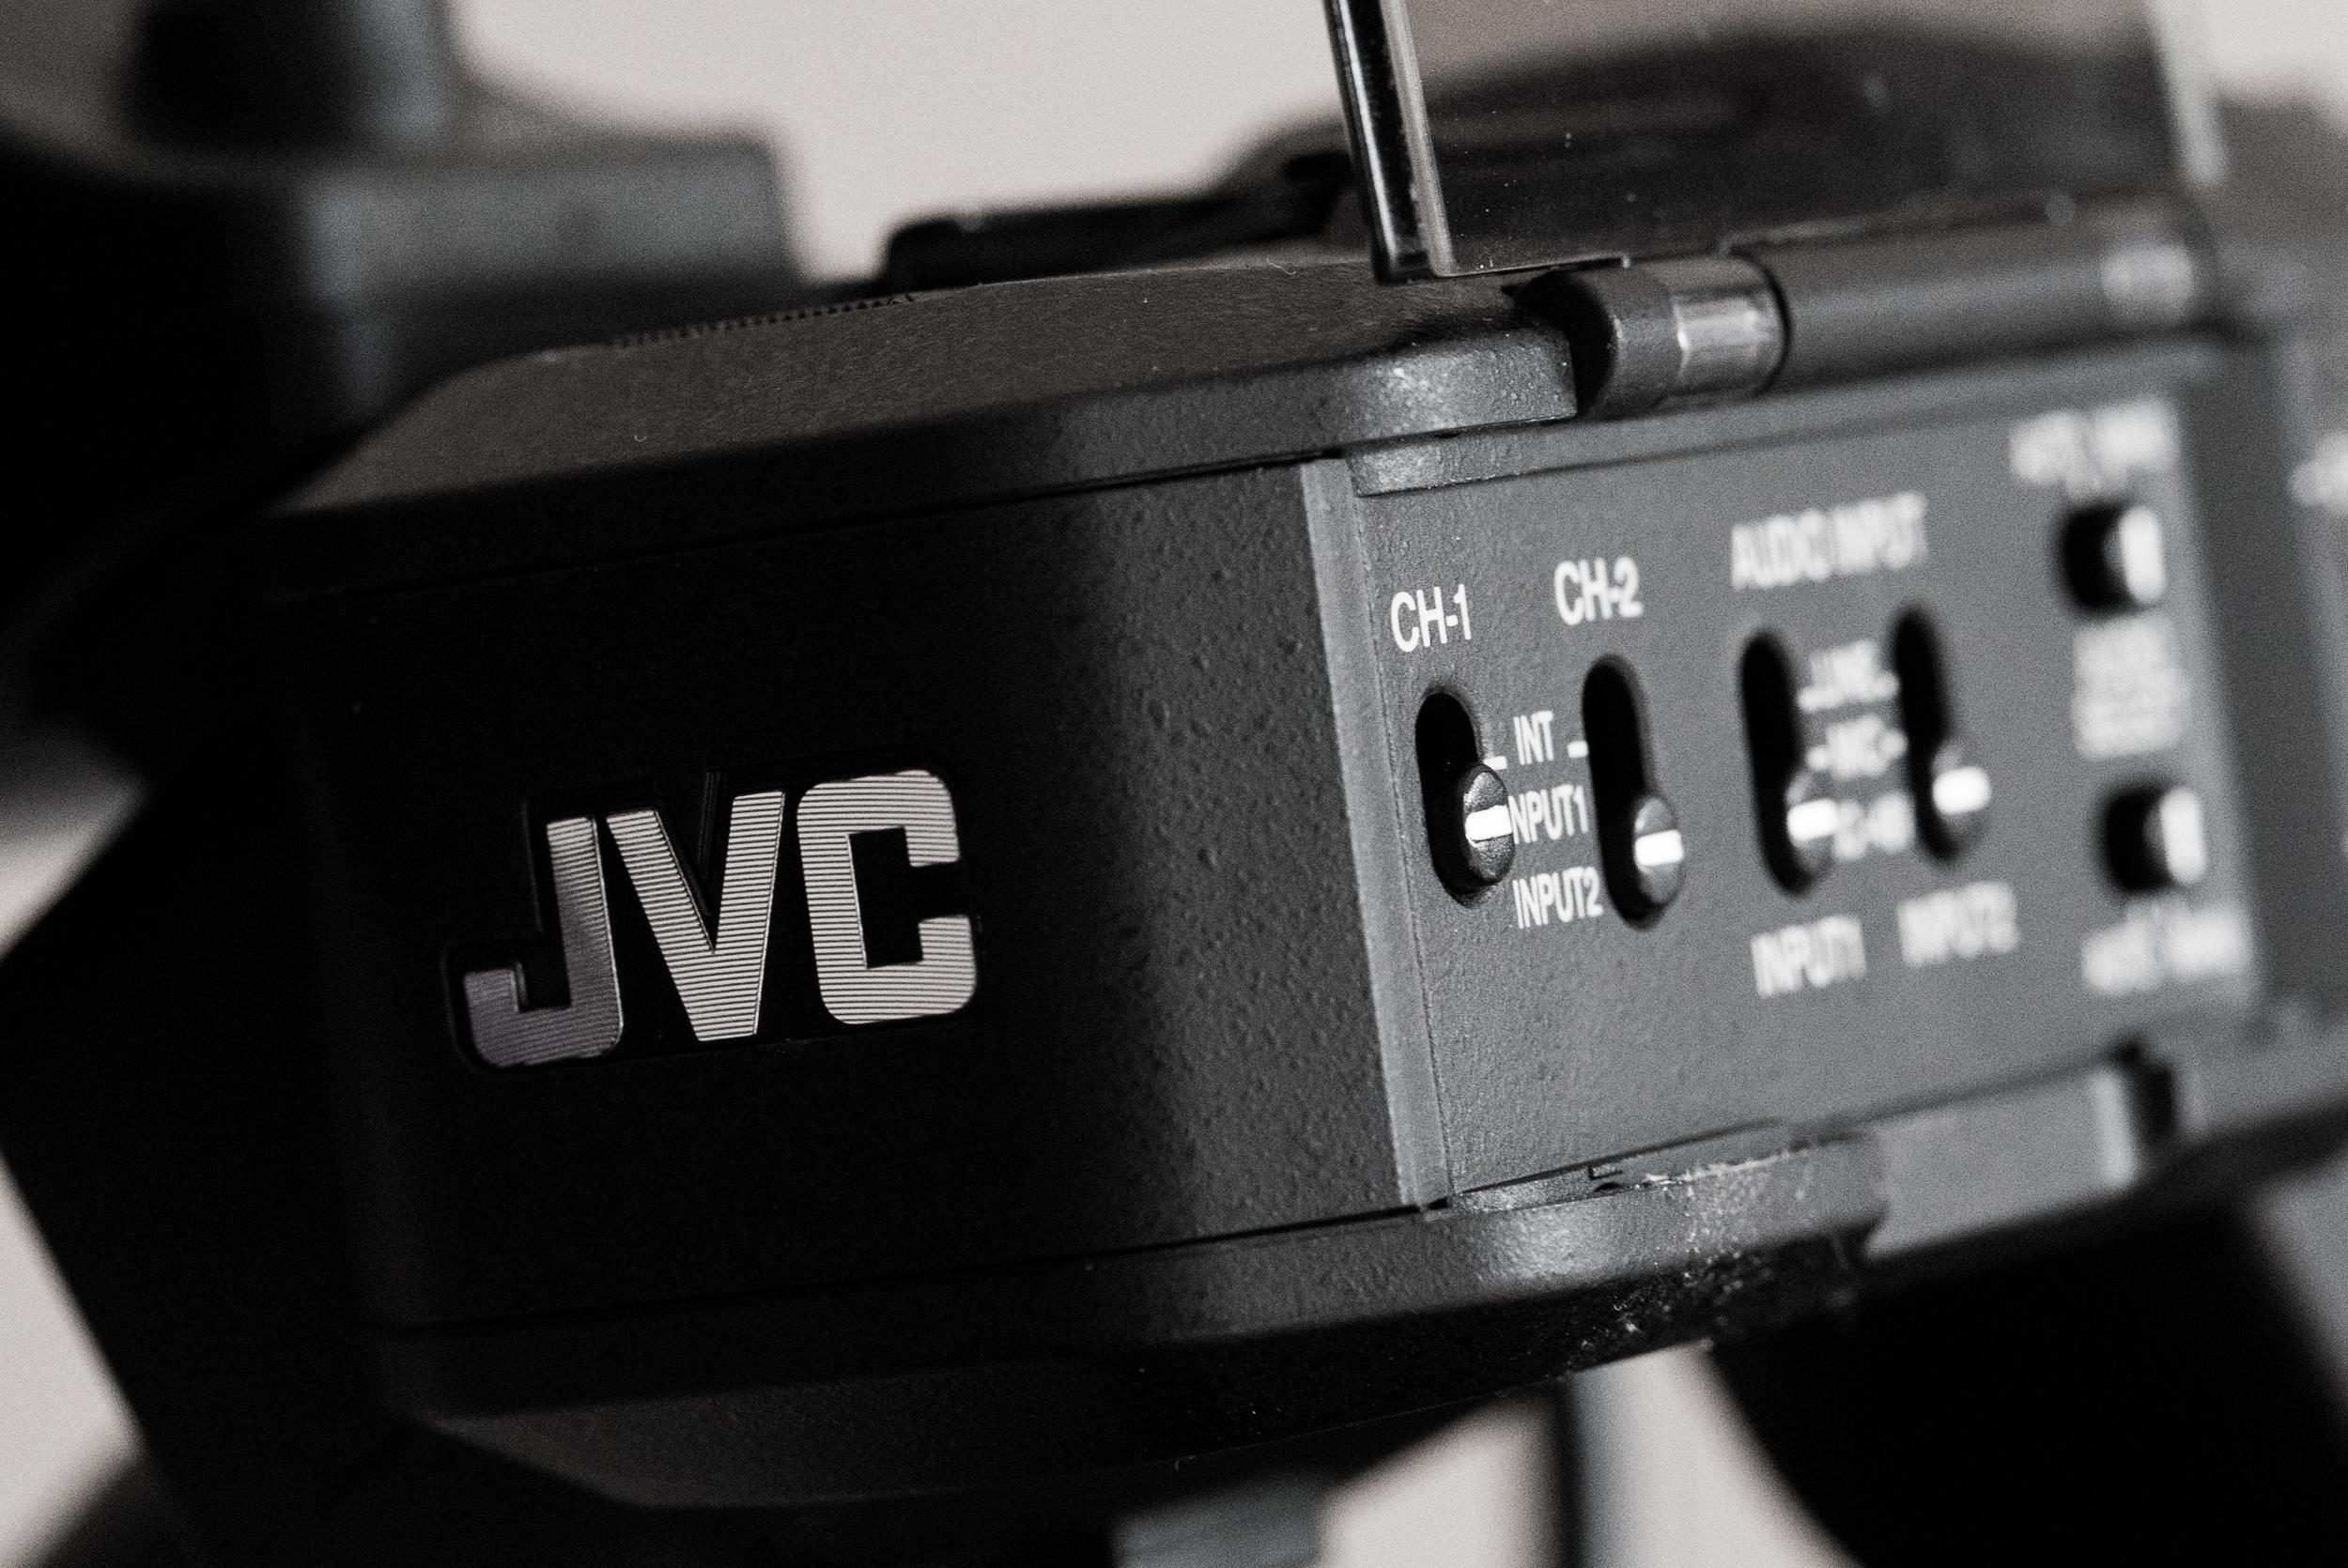 JVC LS300 4K video camera